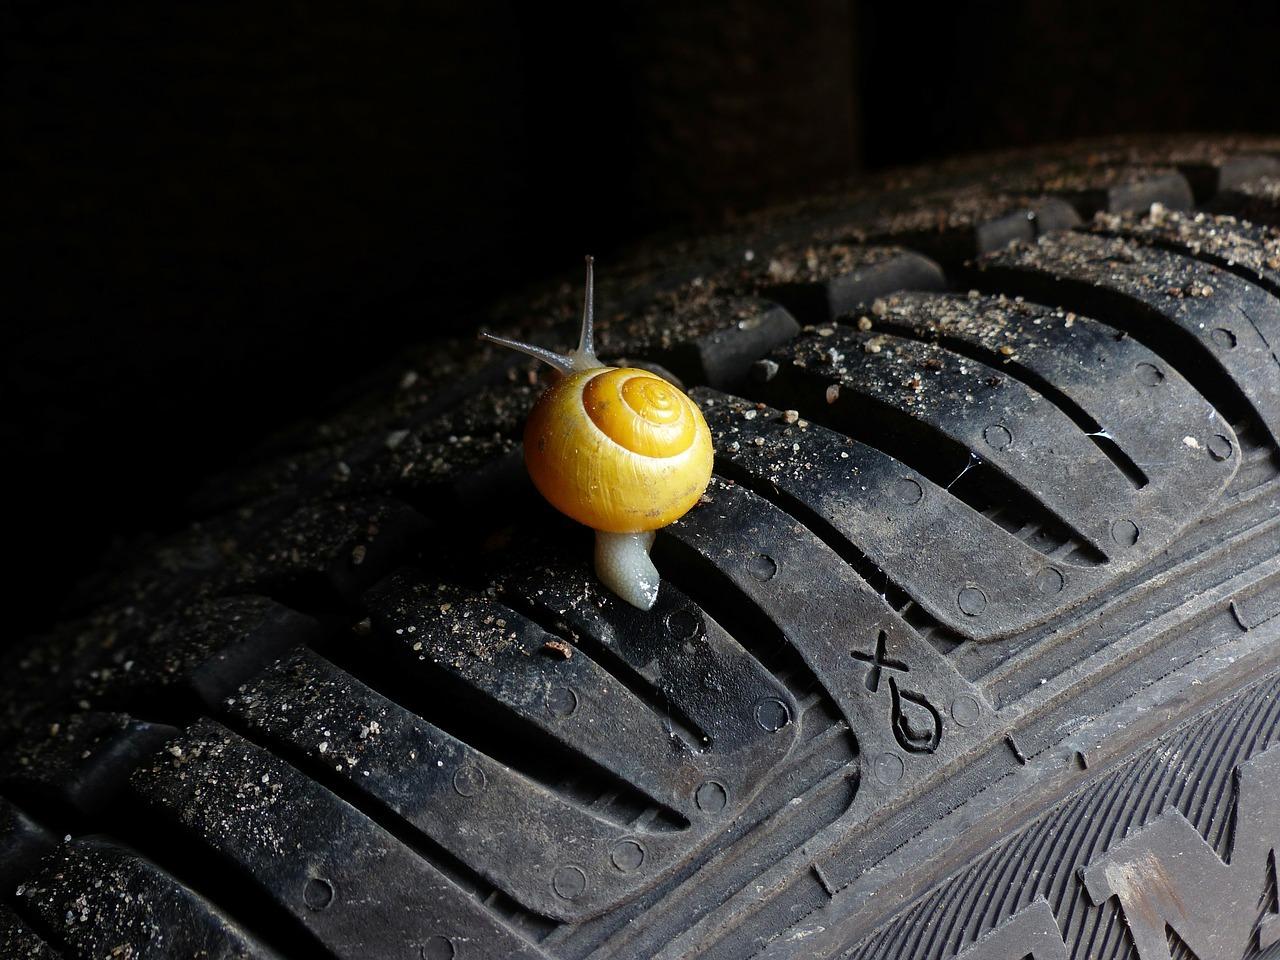 Povinnost přezutí na zimní pneu